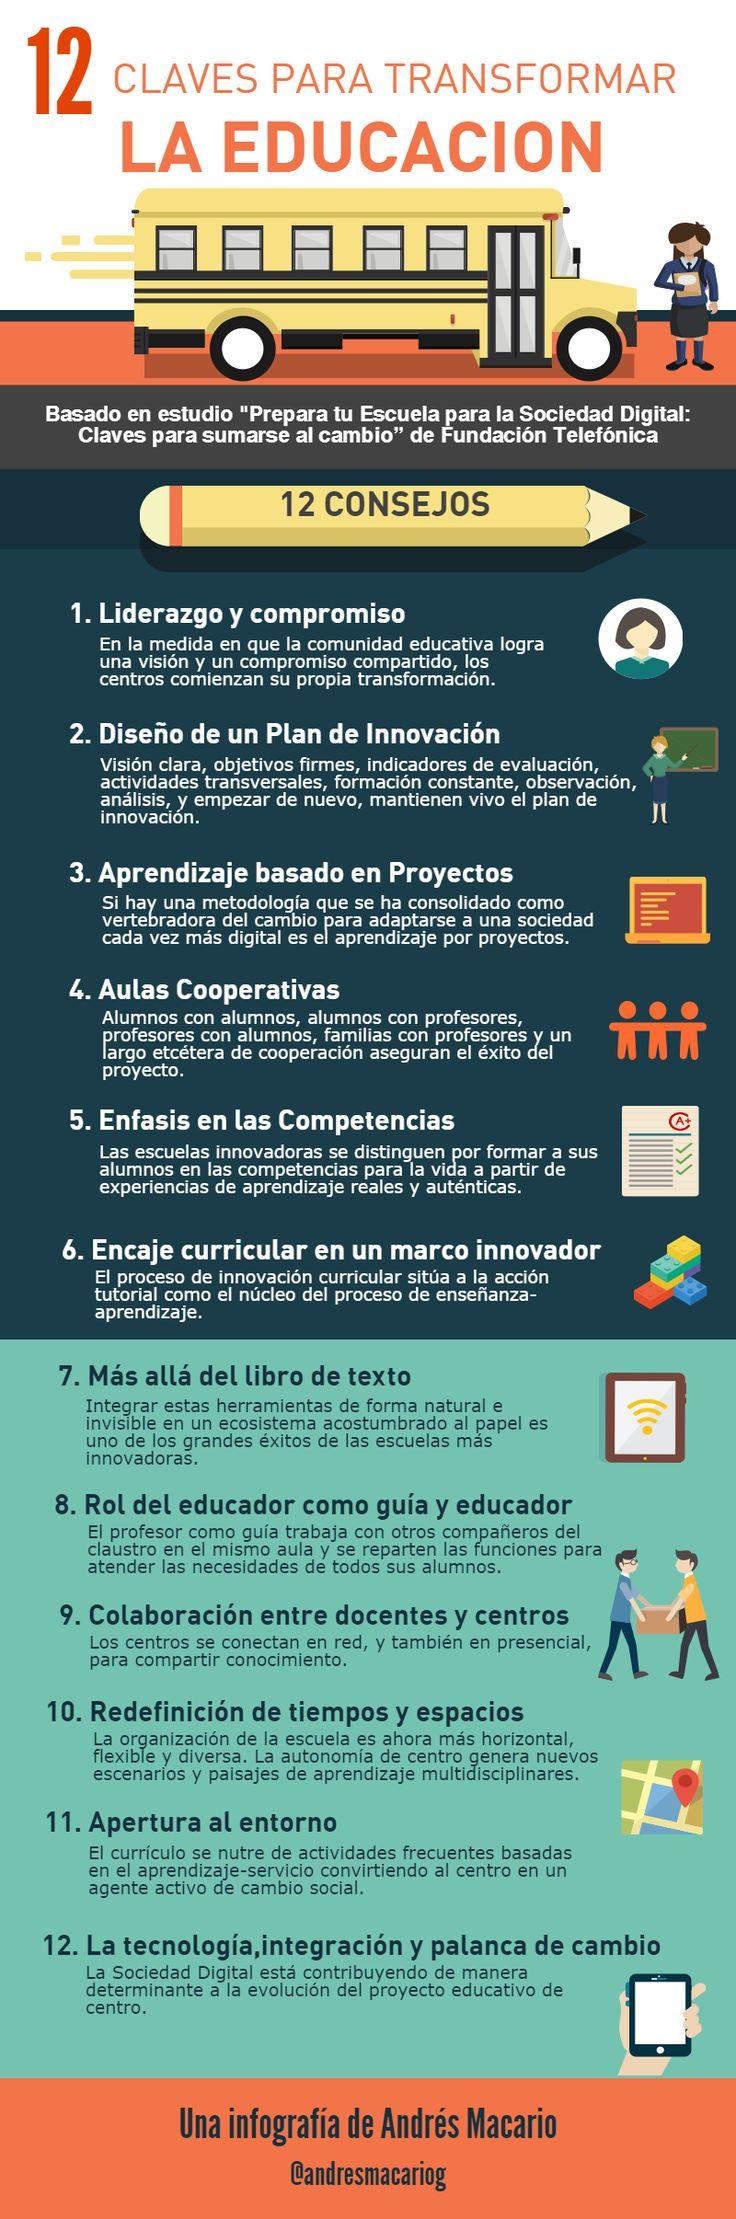 12 claves para transformar la Educación #infografia #infographic #education   TICs y Formación